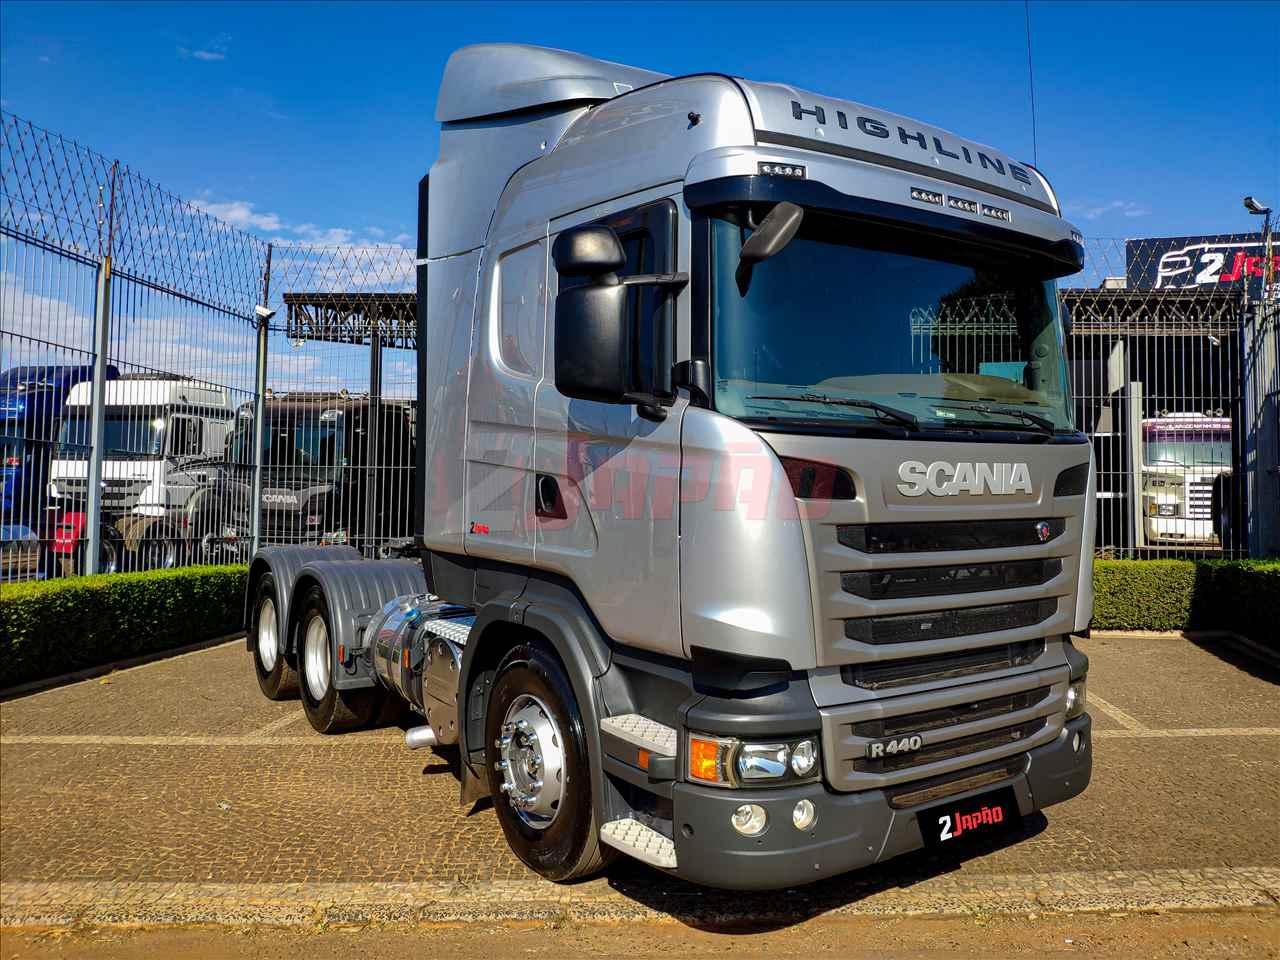 SCANIA 440 de 2 Japão Caminhões e Carretas - SUMARE/SP